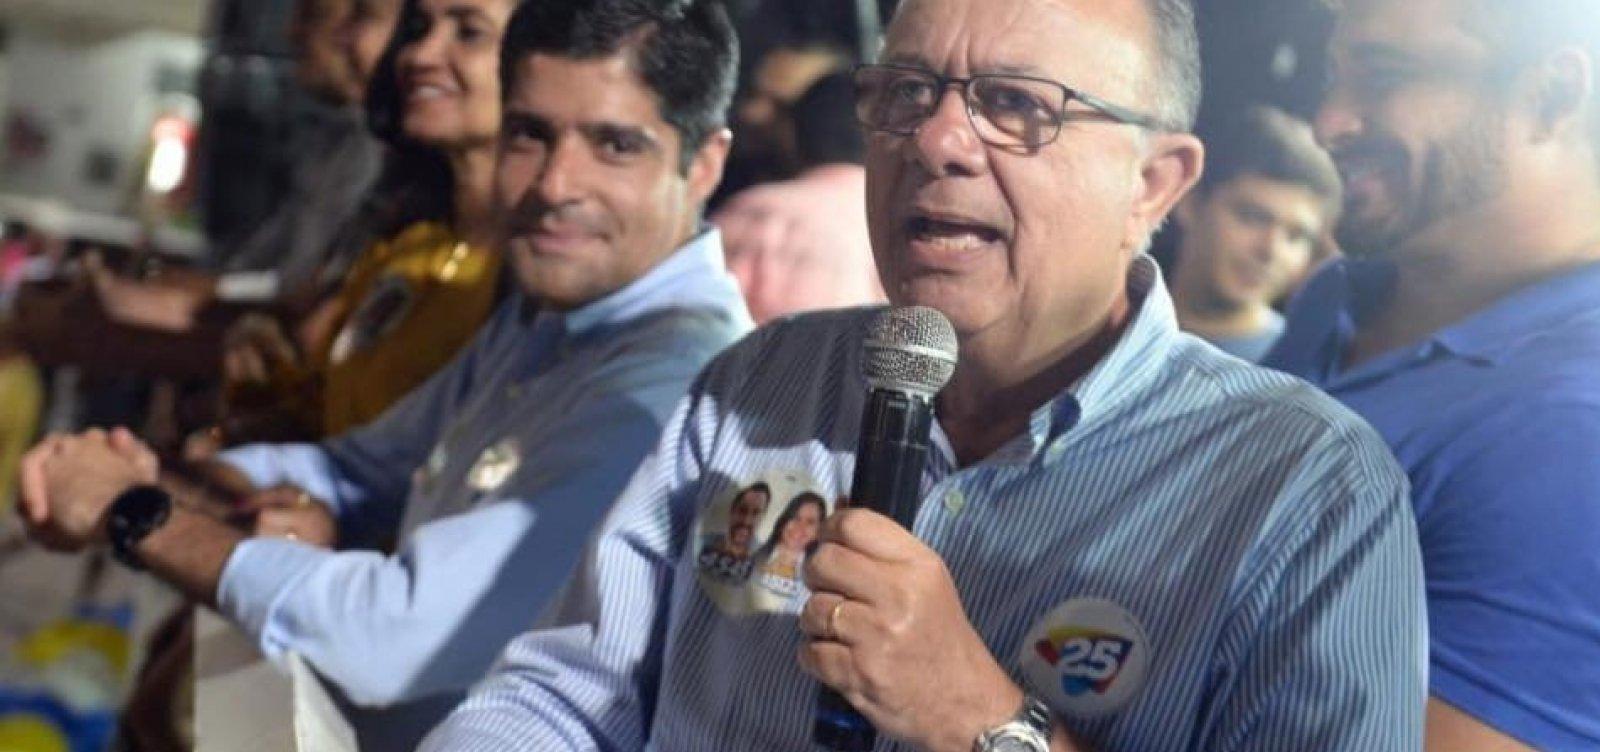 Zé Ronaldo contraria Neto e declara apoio a Bolsonaro